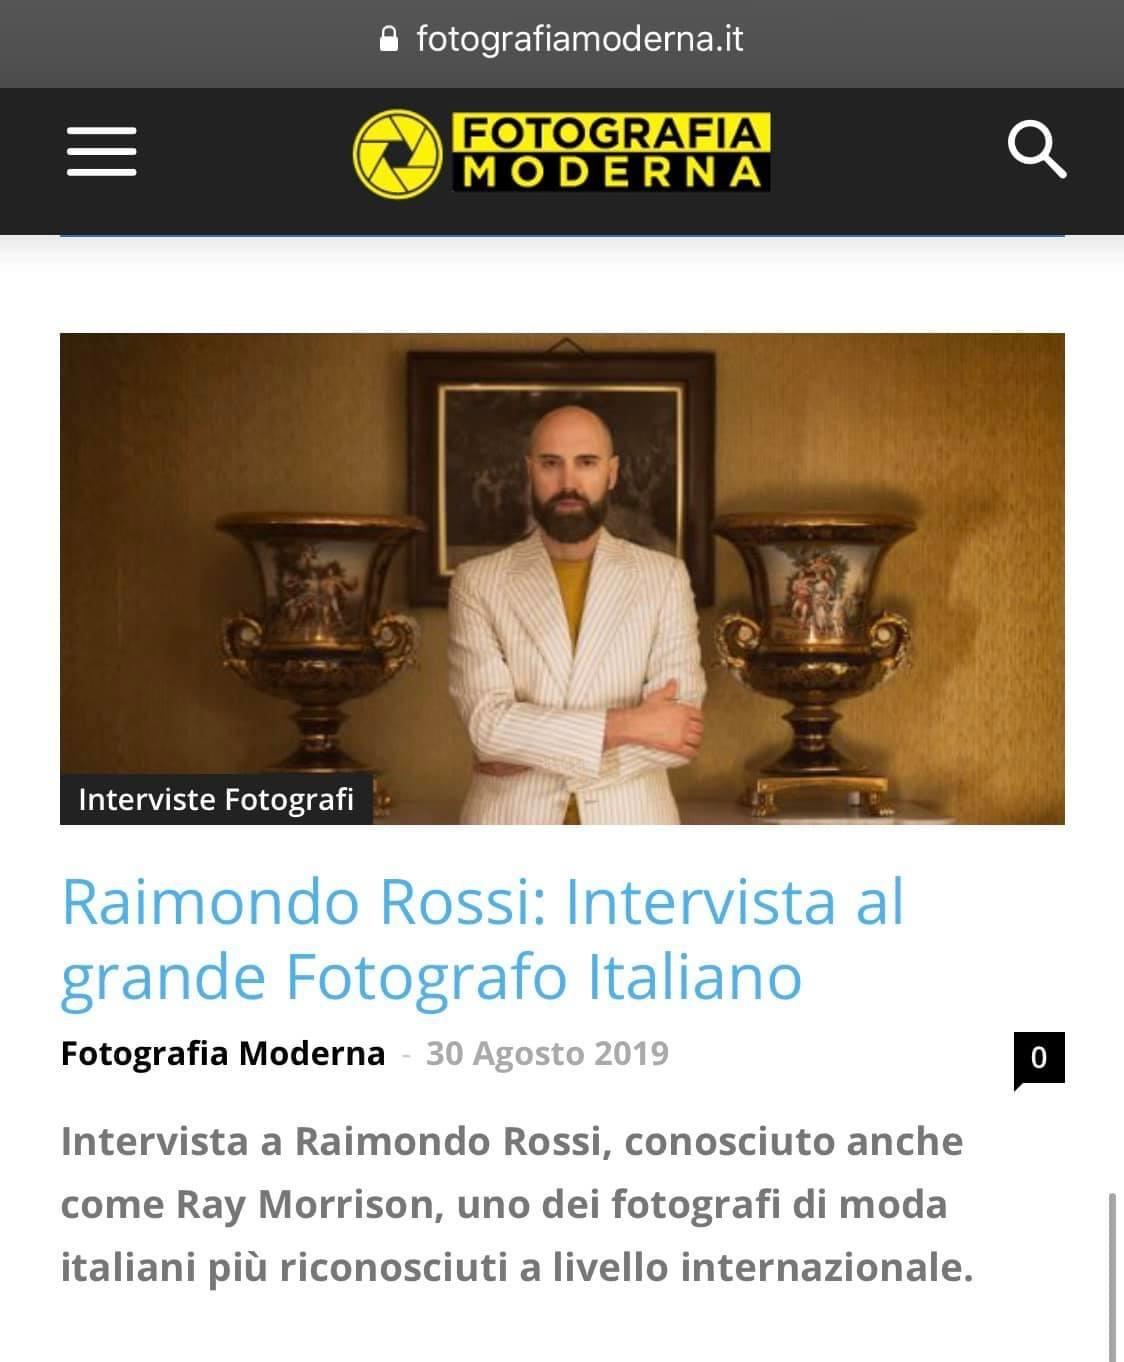 Raimondo Rossi Ray Morrison Fotografia Moderna